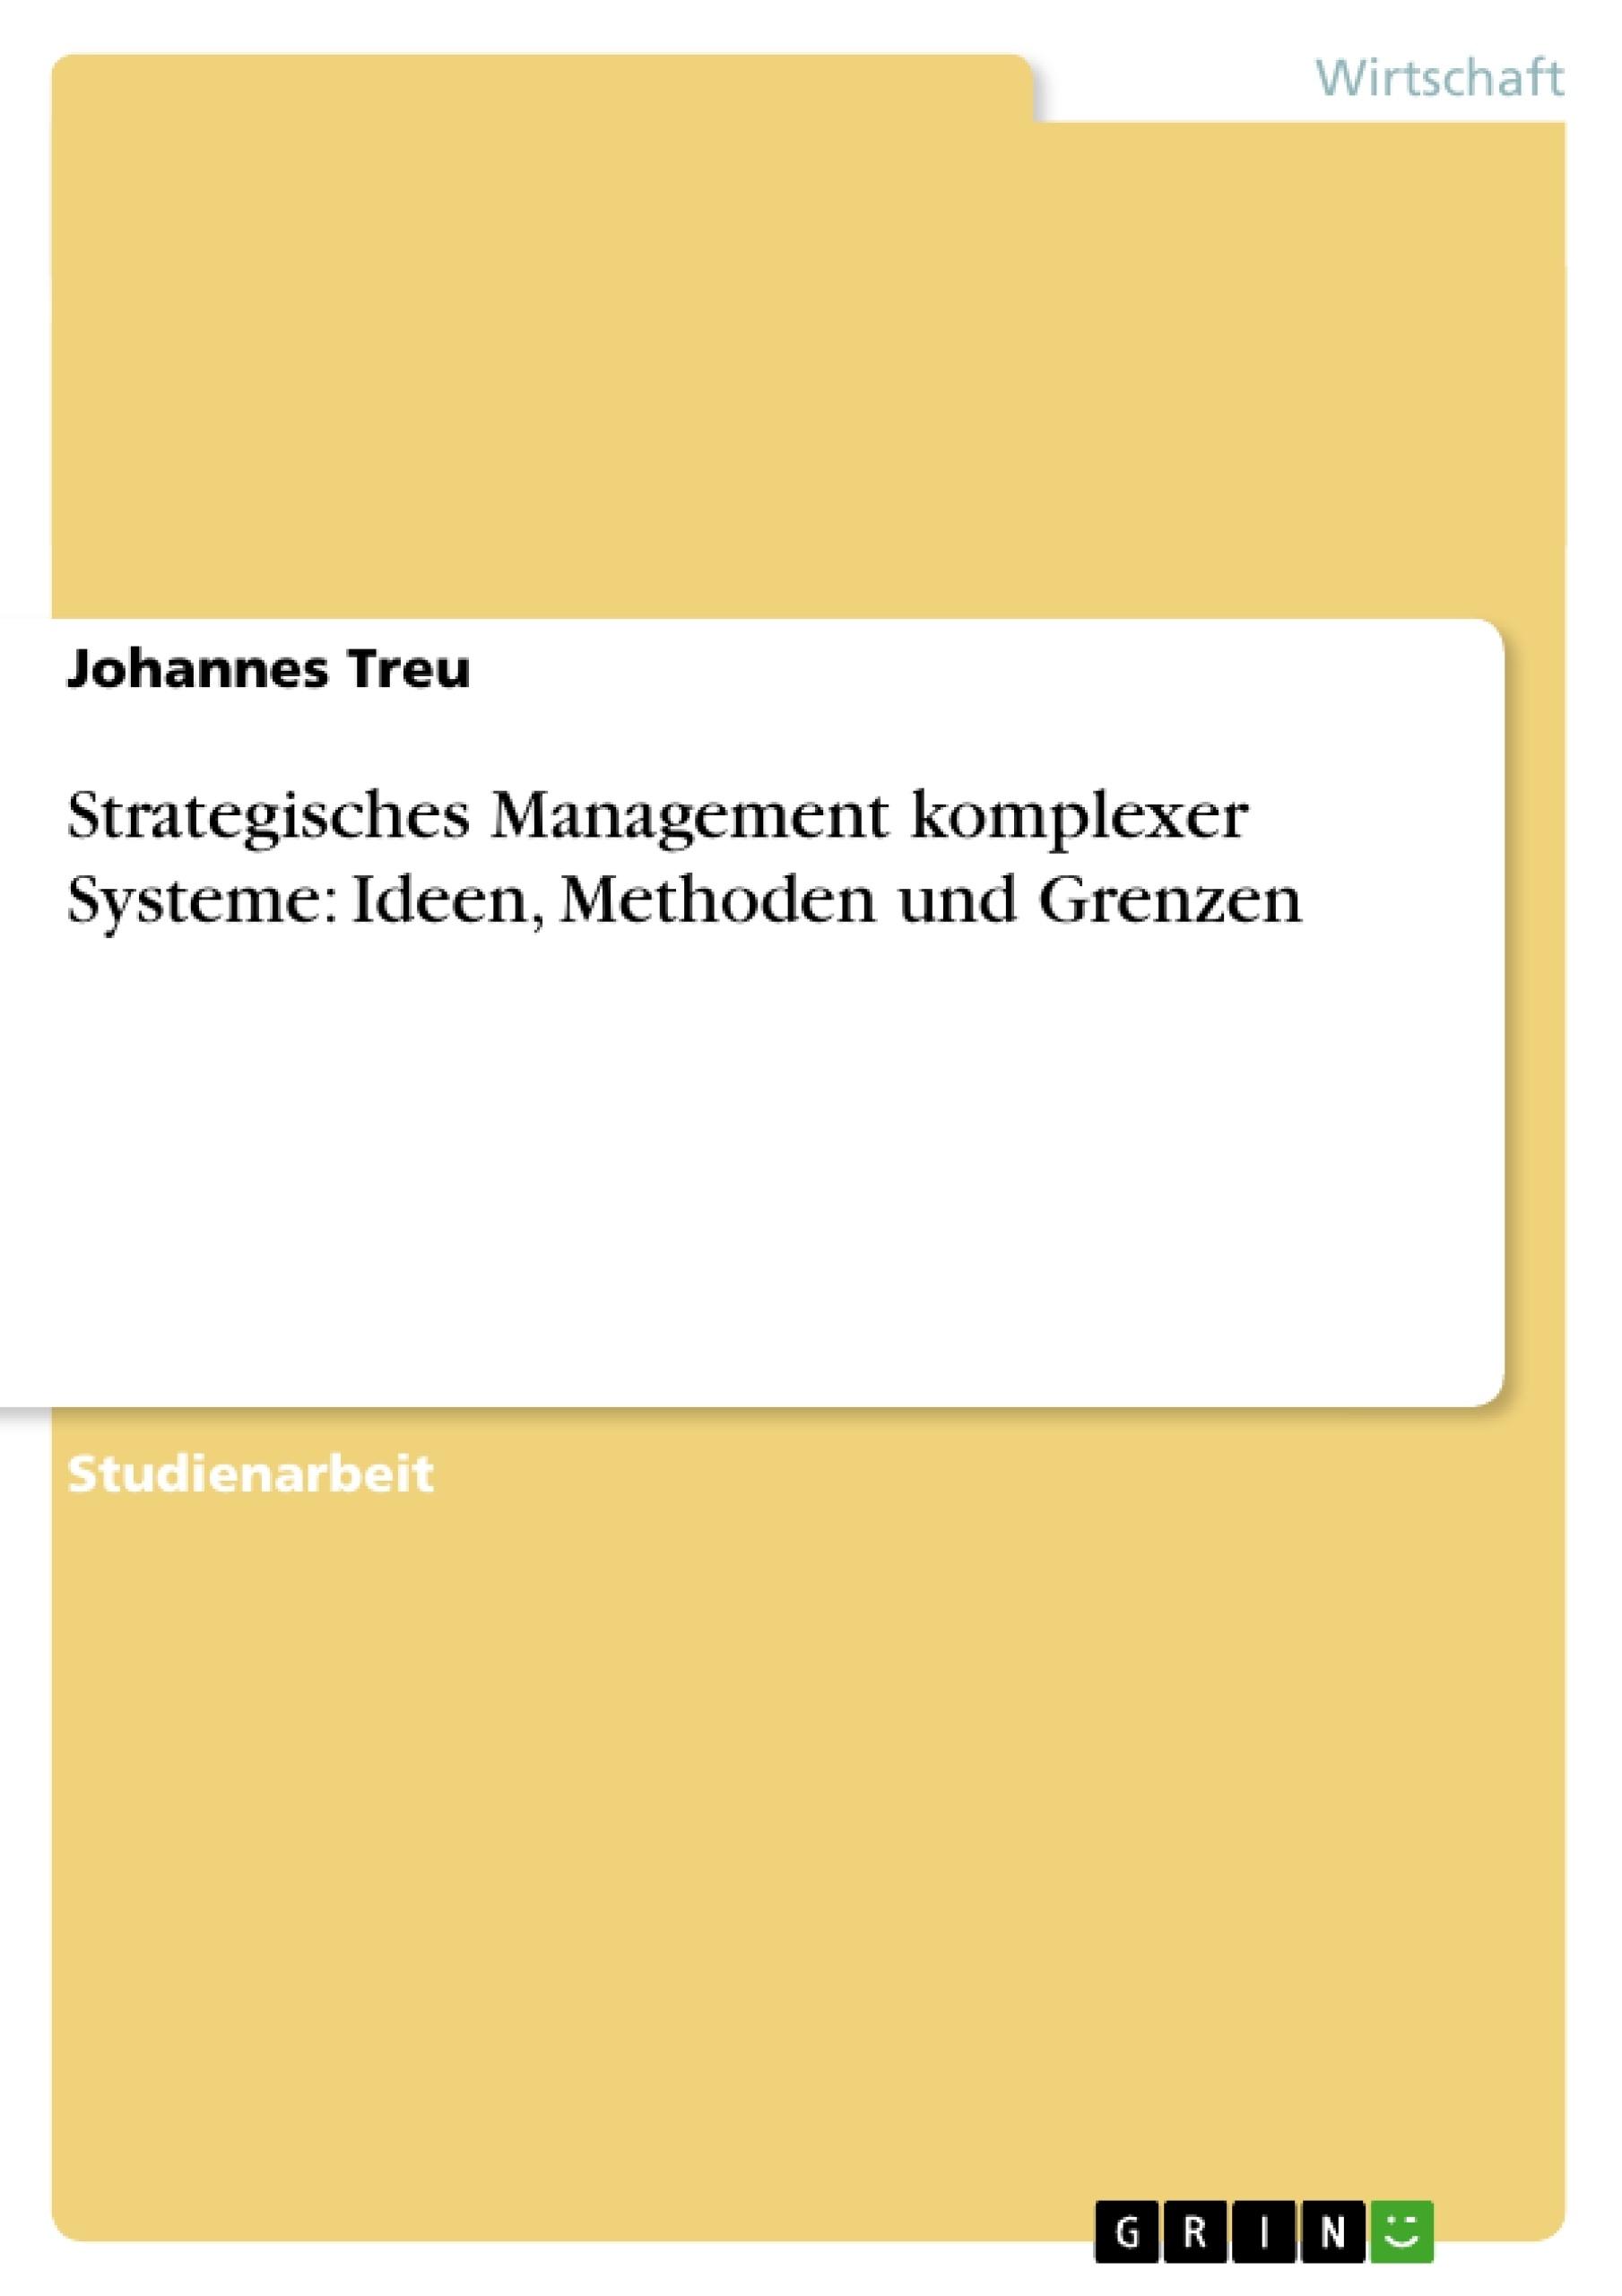 Titel: Strategisches Management komplexer Systeme: Ideen, Methoden und Grenzen